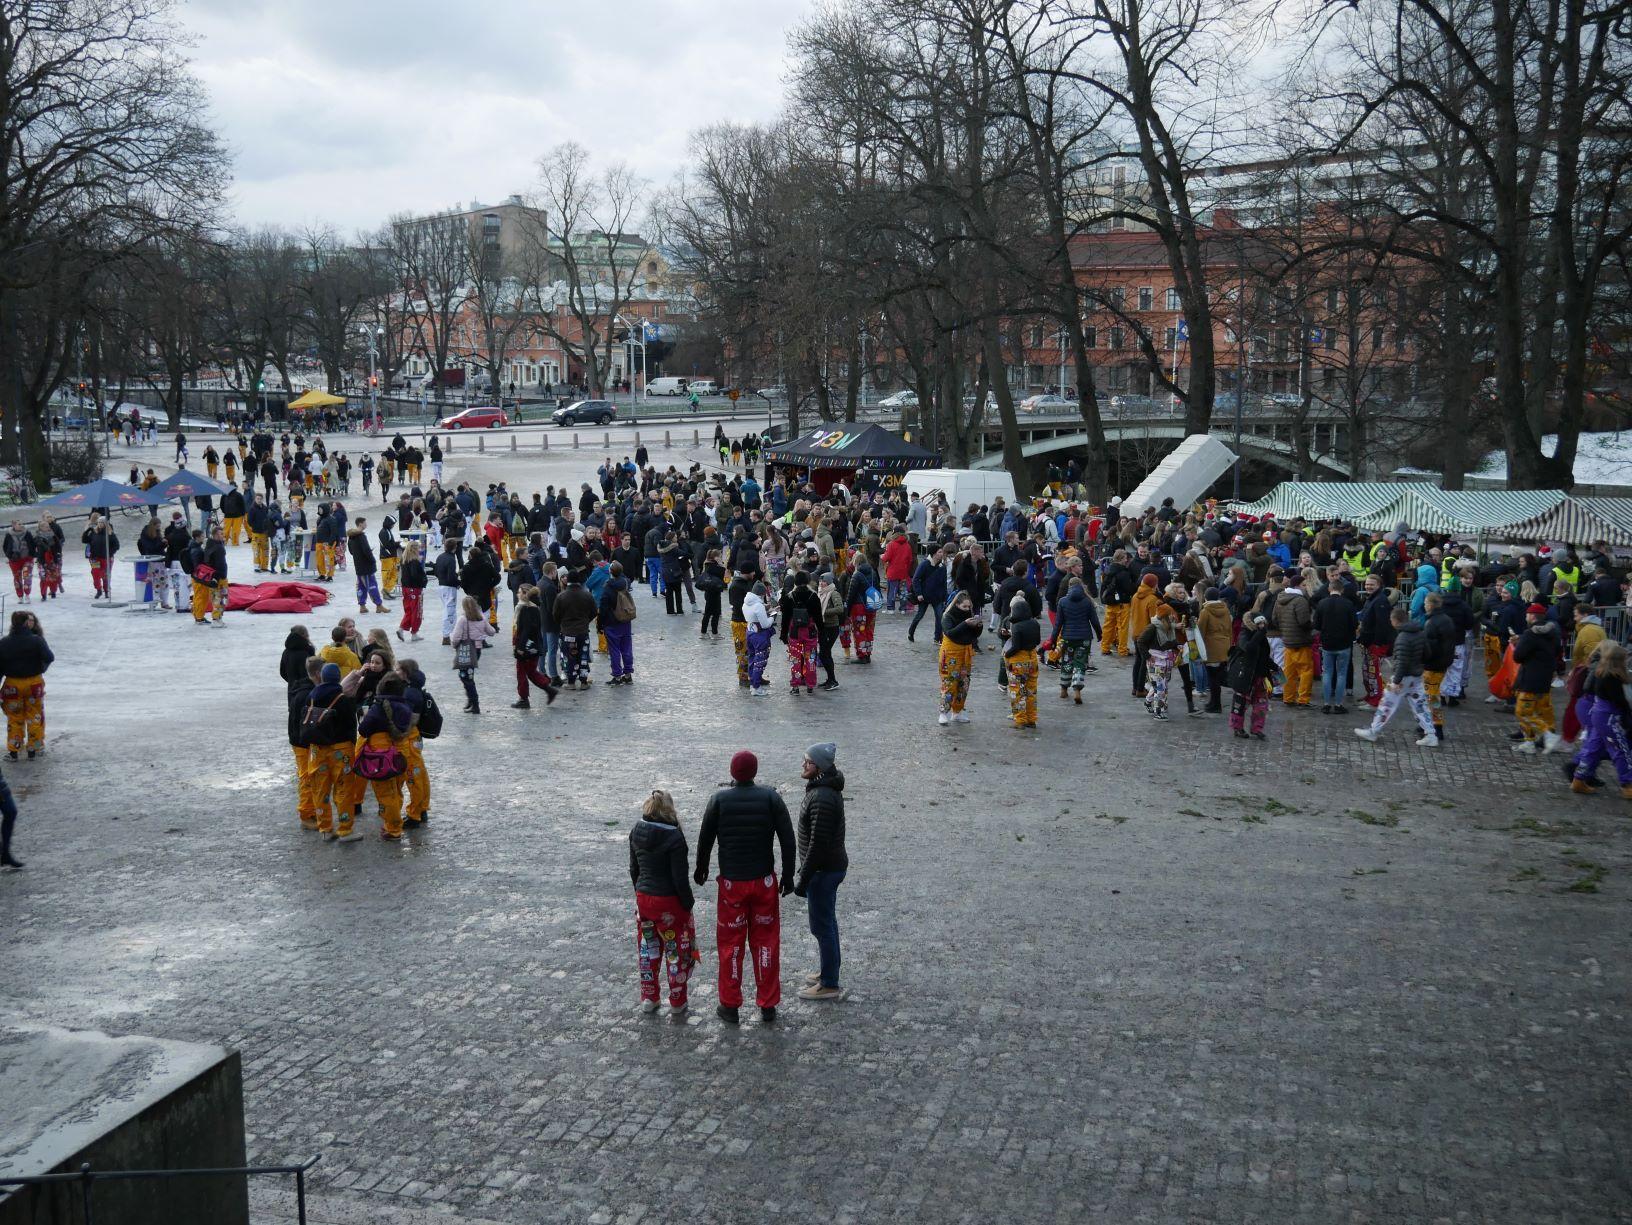 Domkyrkotorget i Åbo fyllt med personer klädda i halare i olika färger. Vädret är grått.